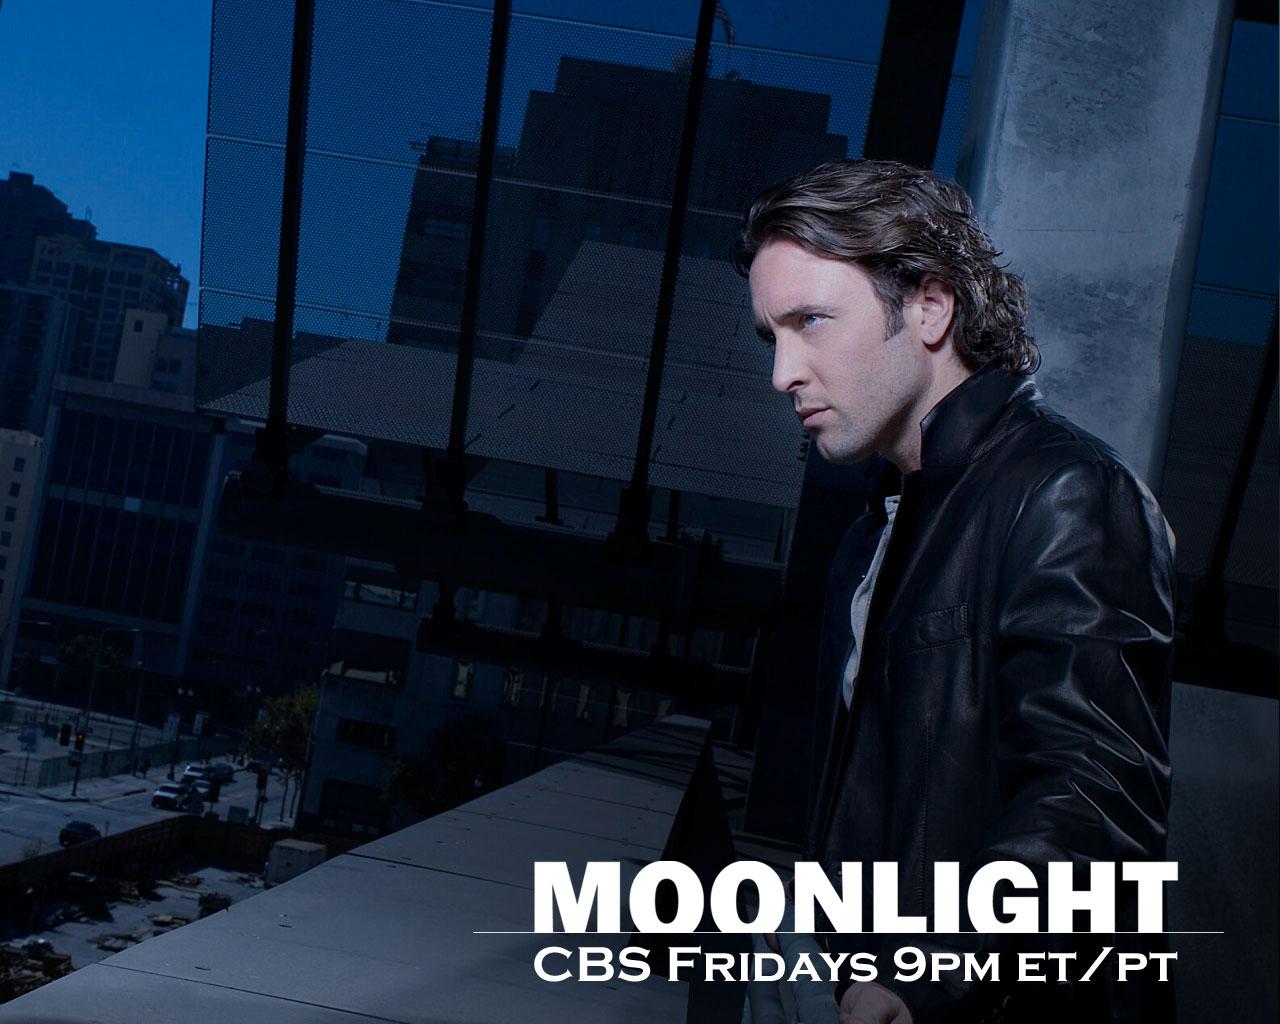 Moon_Mick_B-moonlight-500995_1280_1024